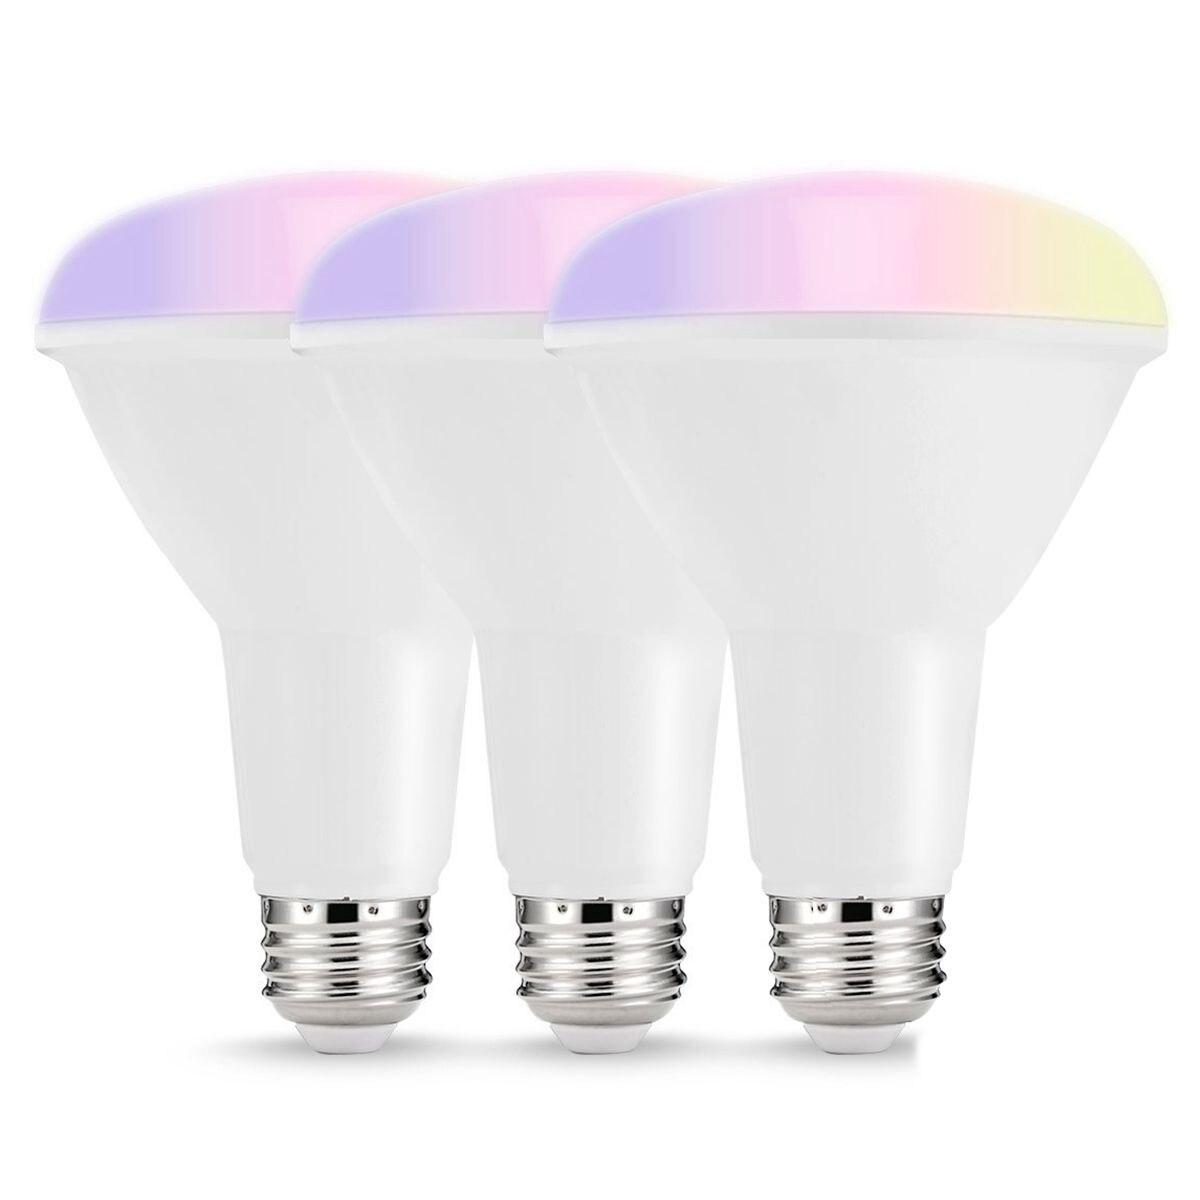 DSHA-Smart ampoule LED, lumières de wifi LED multicolores, ampoules encastrées BR30 Dimmable, lumière d'inondation équivalente de 75 W-80 W, Compat